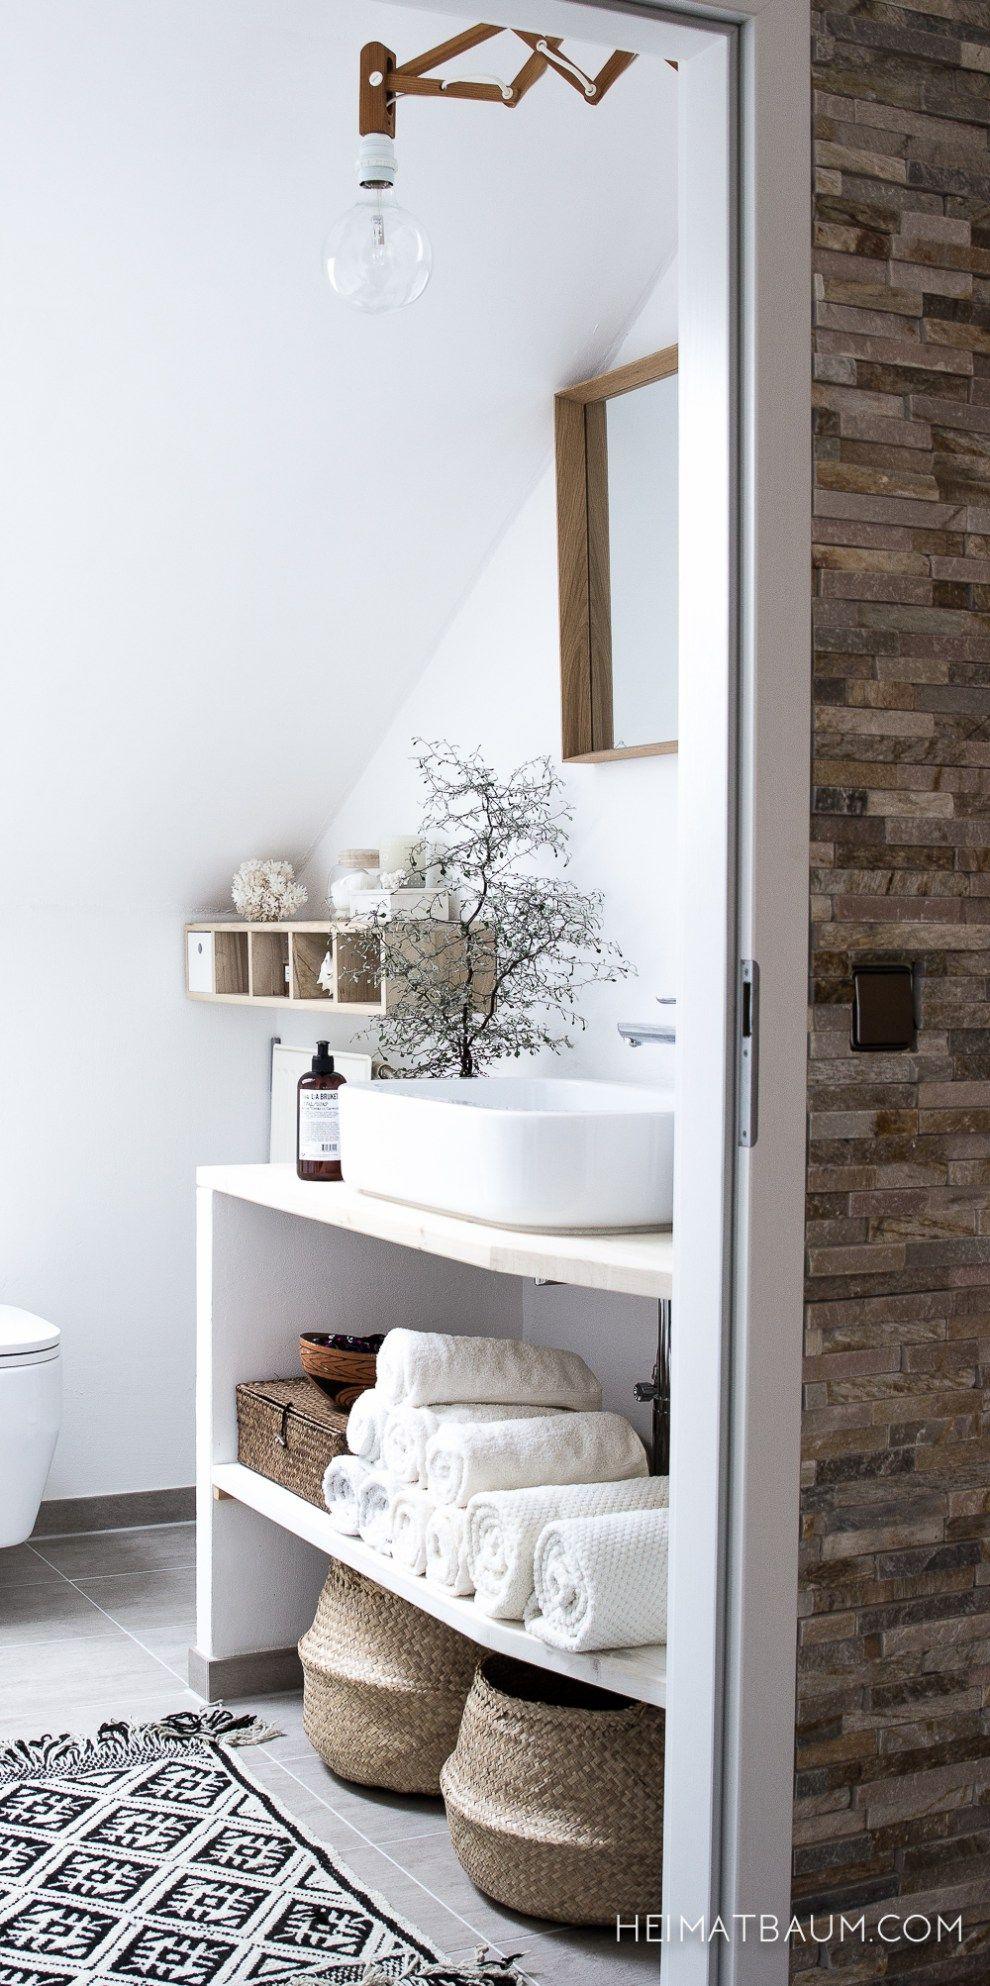 Tipps Fur Kleine Badezimmer Kleine Badezimmer